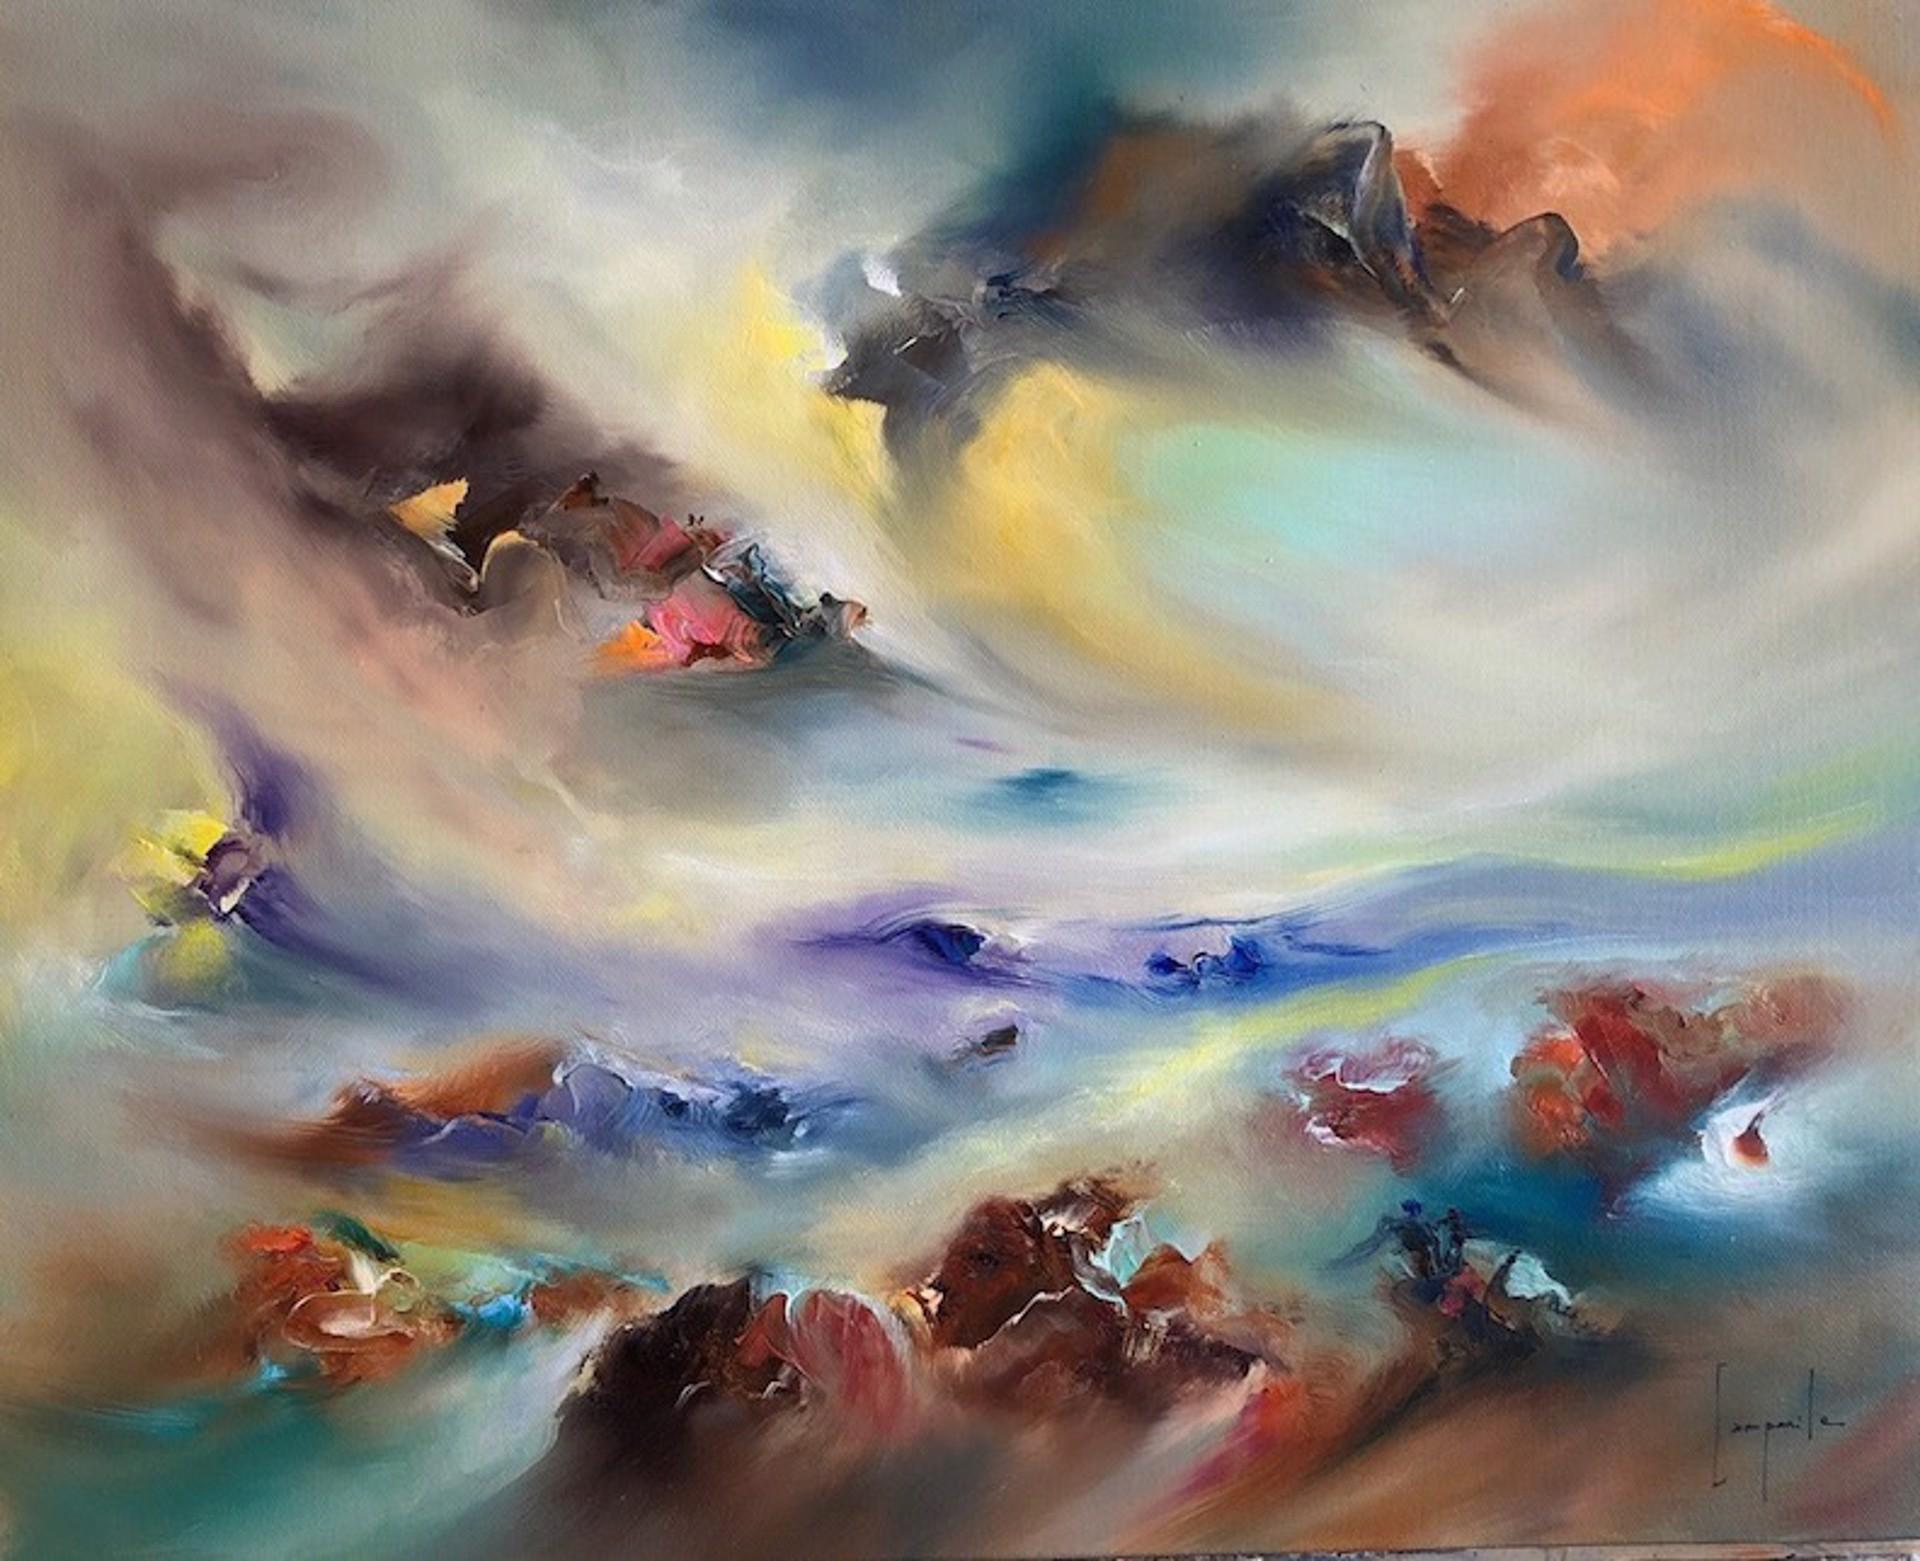 Mystic Voyage by Dario Campanile